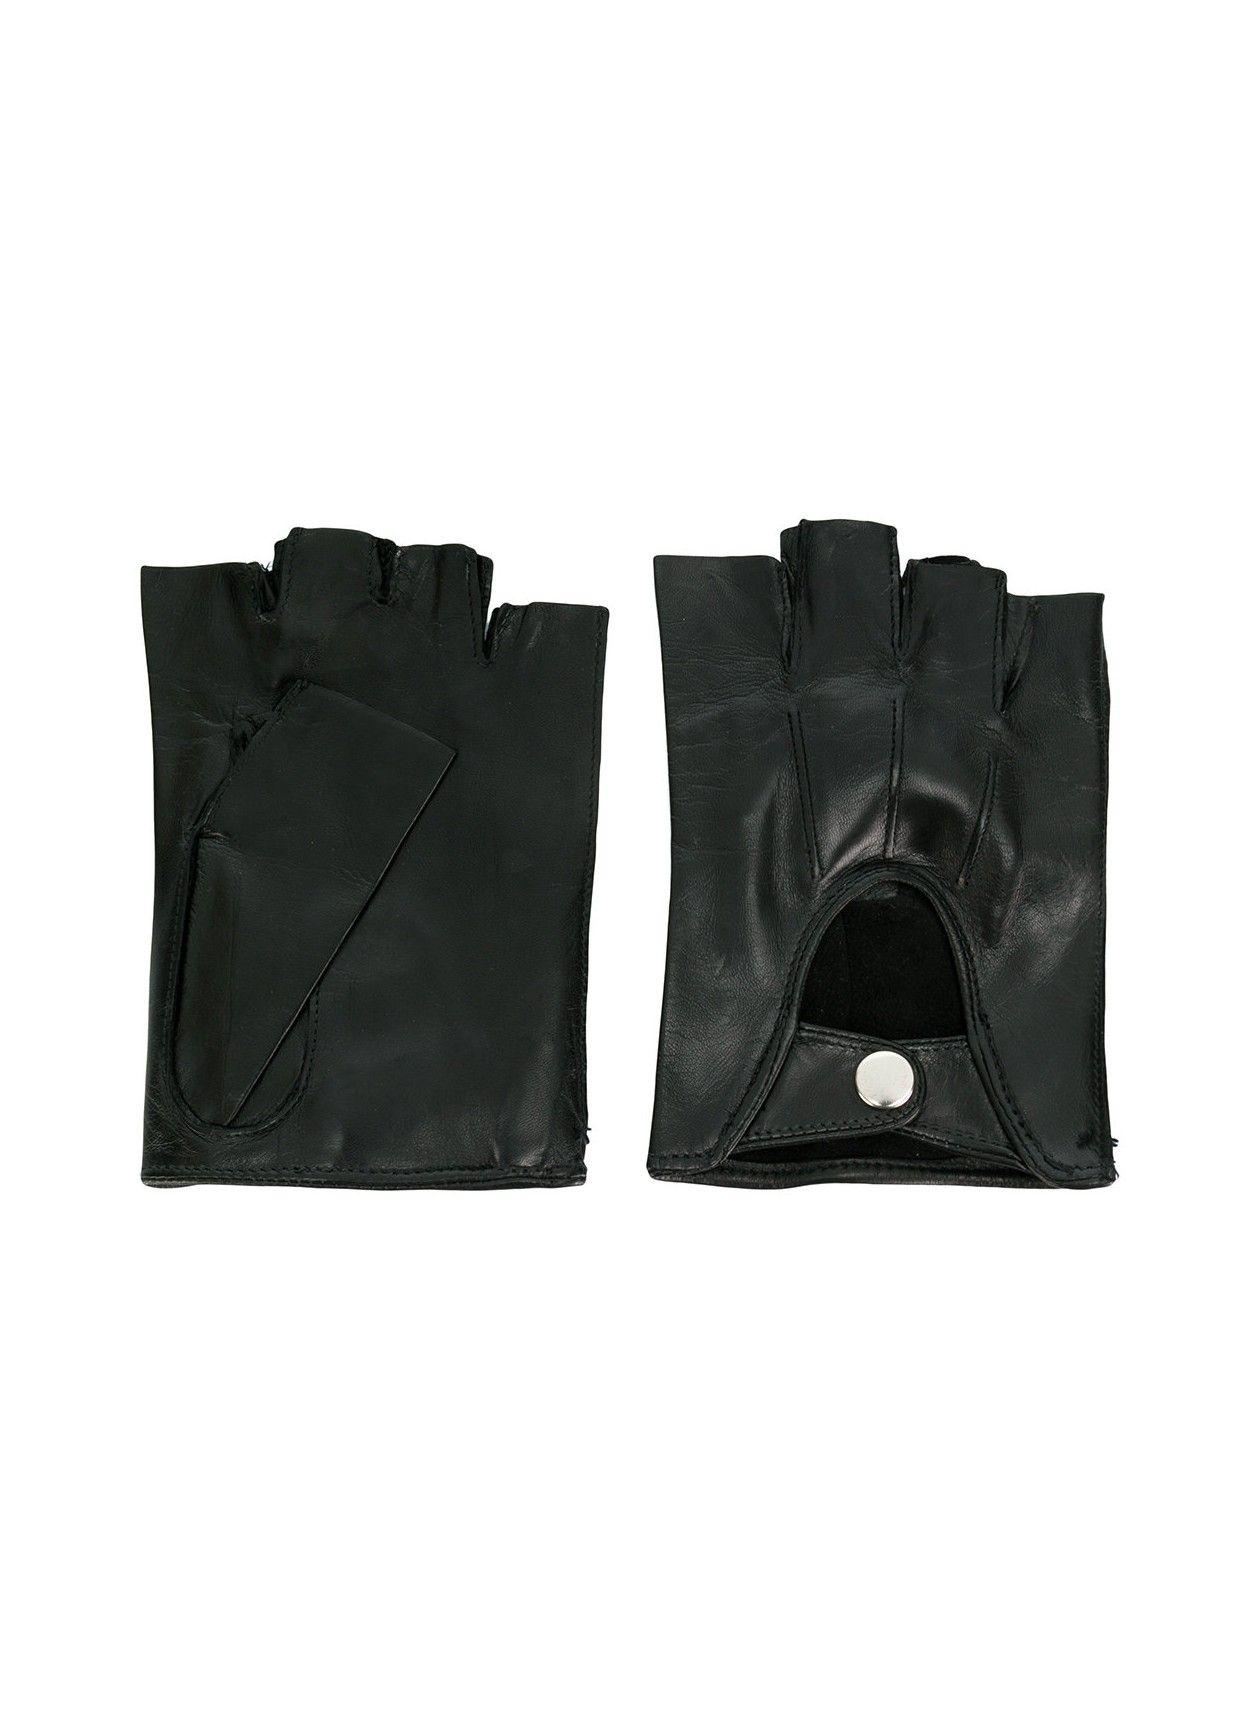 Fingerless Gloves Joris Black - Ann Demeulemeester